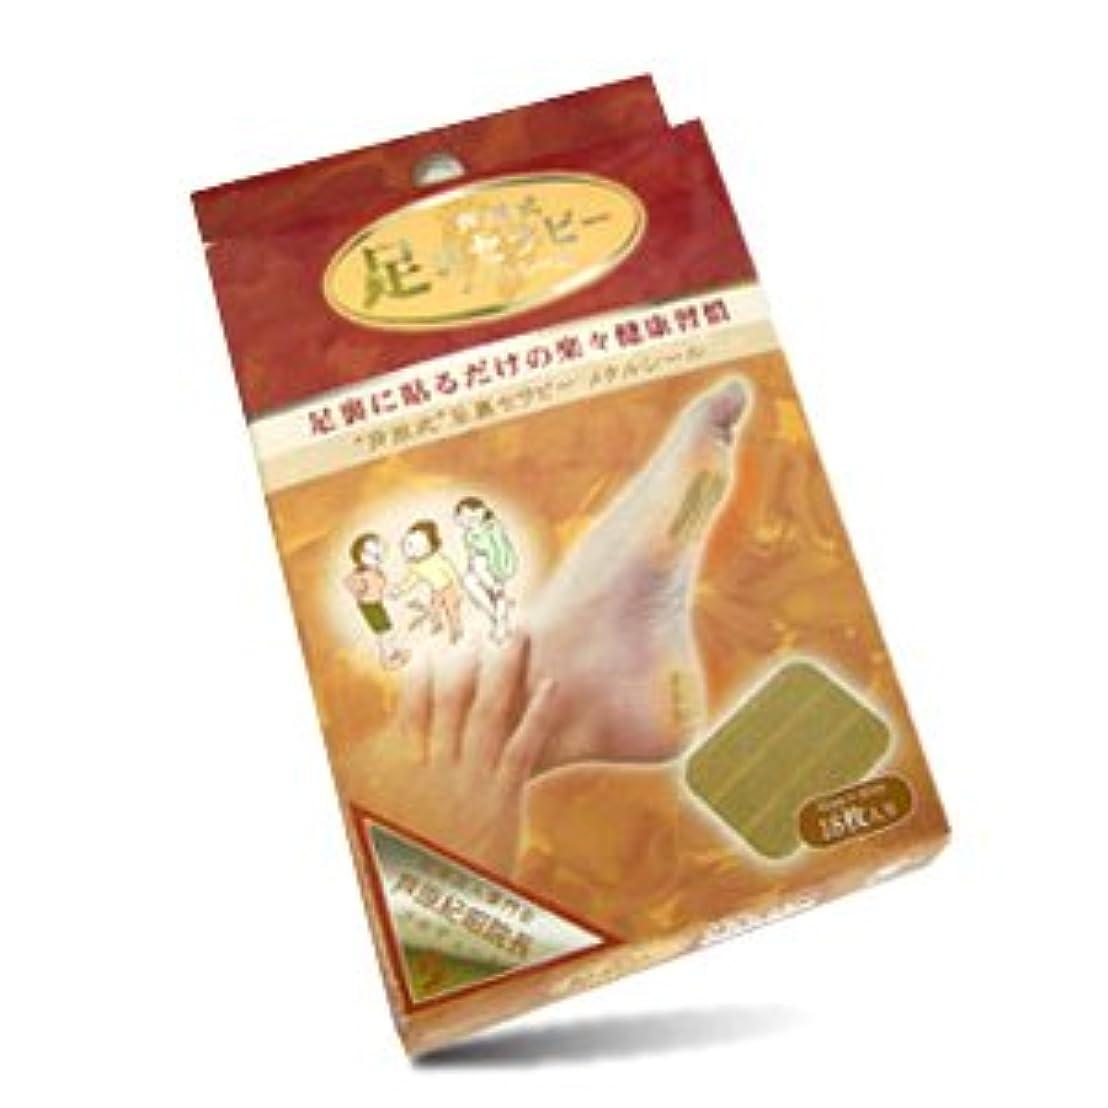 中間ラリー酸度芦原式足裏セラピー メタルシール 84枚入り 足裏に貼るだけの楽々健康習慣!